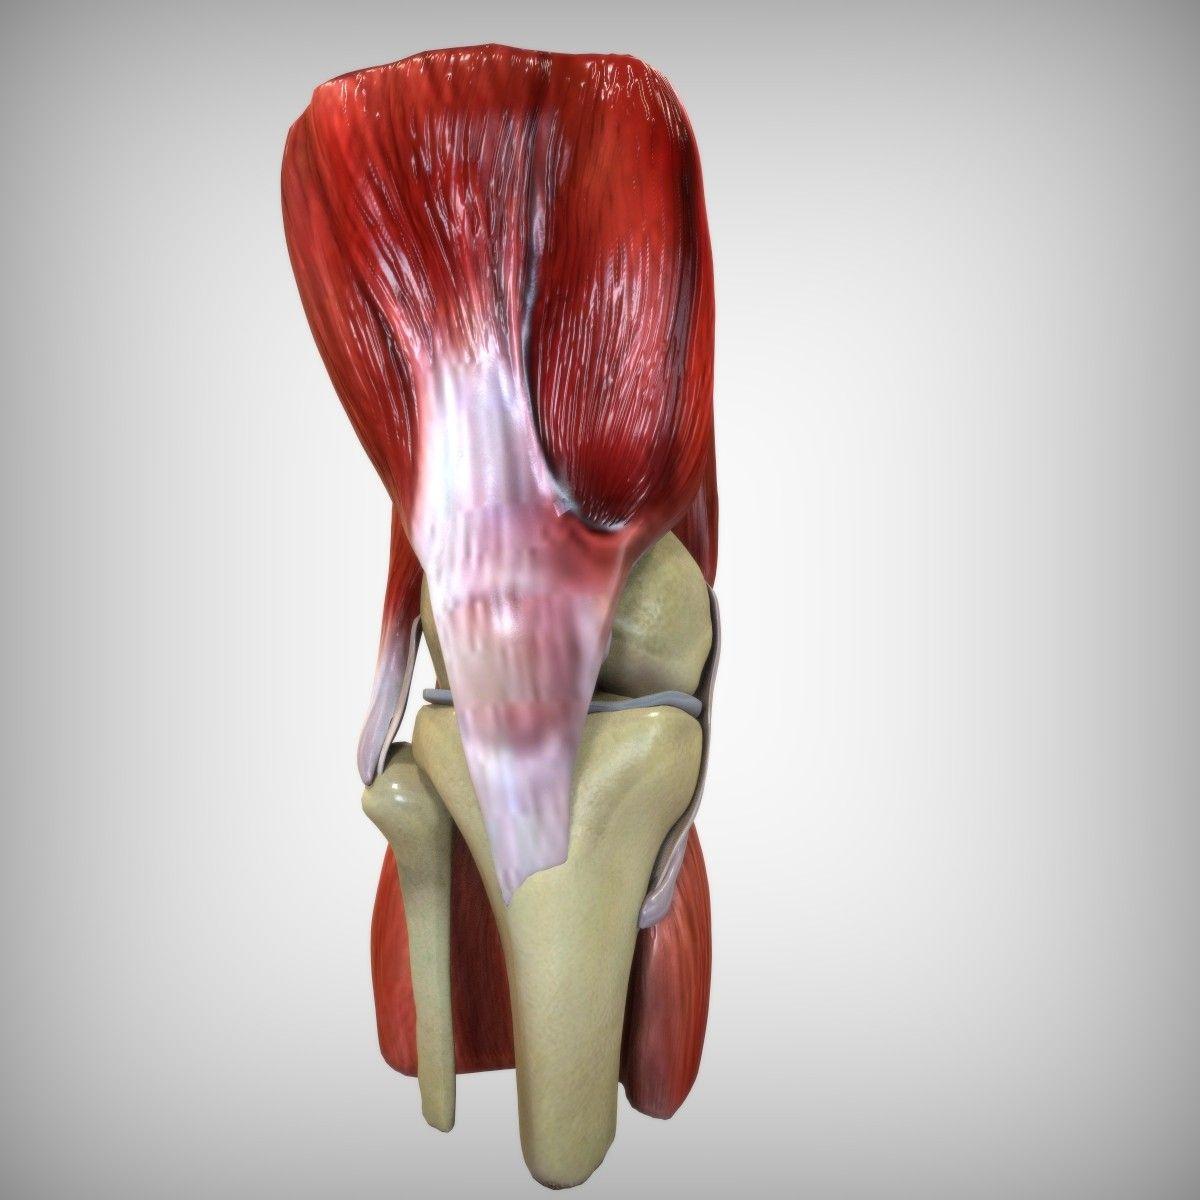 Ziemlich Menschliche Anatomie 3d Modelle Fotos - Anatomie Ideen ...